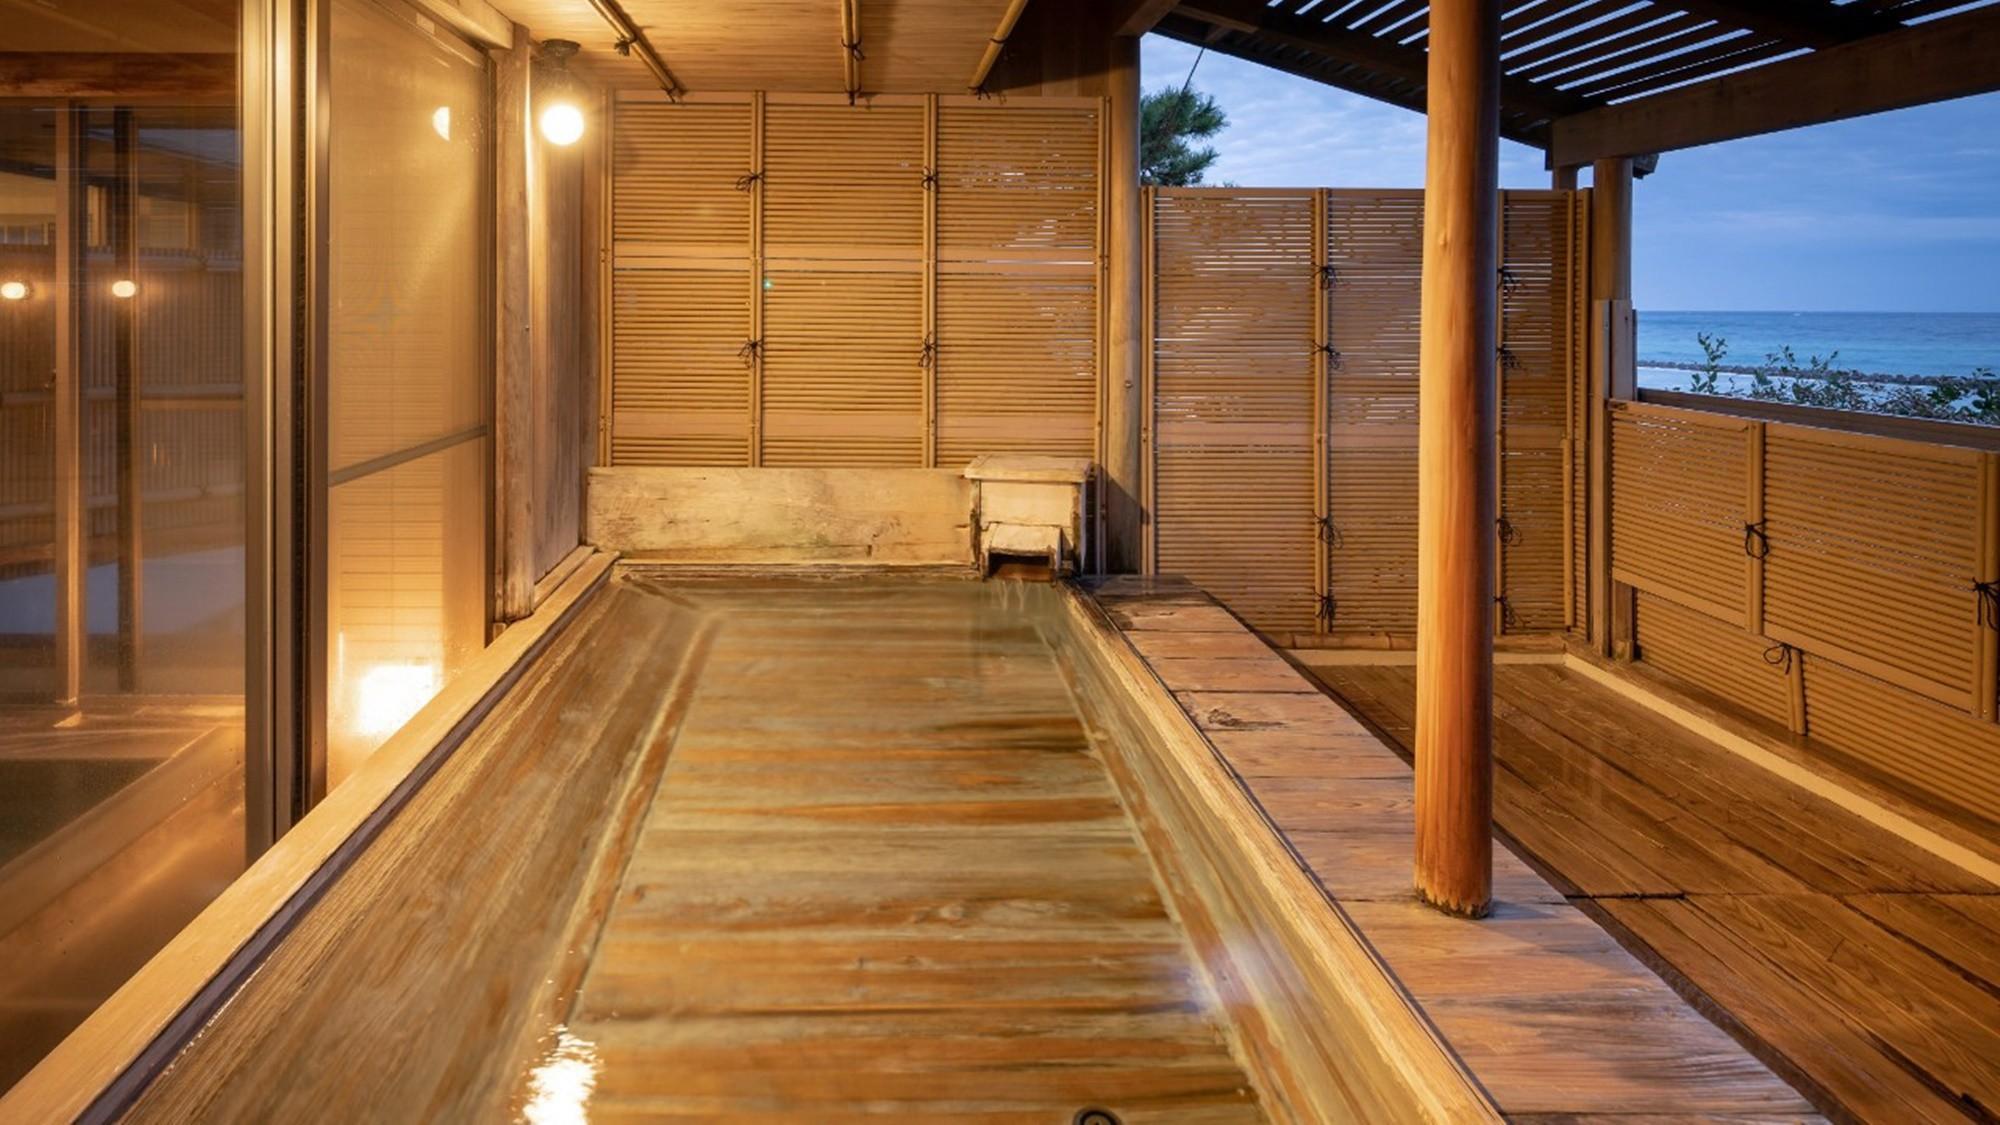 目の前に東伊豆の大海原が広がる当館自慢の露天風呂♪ゆったり浸かれる「寝ころび湯」は最高の贅沢・・